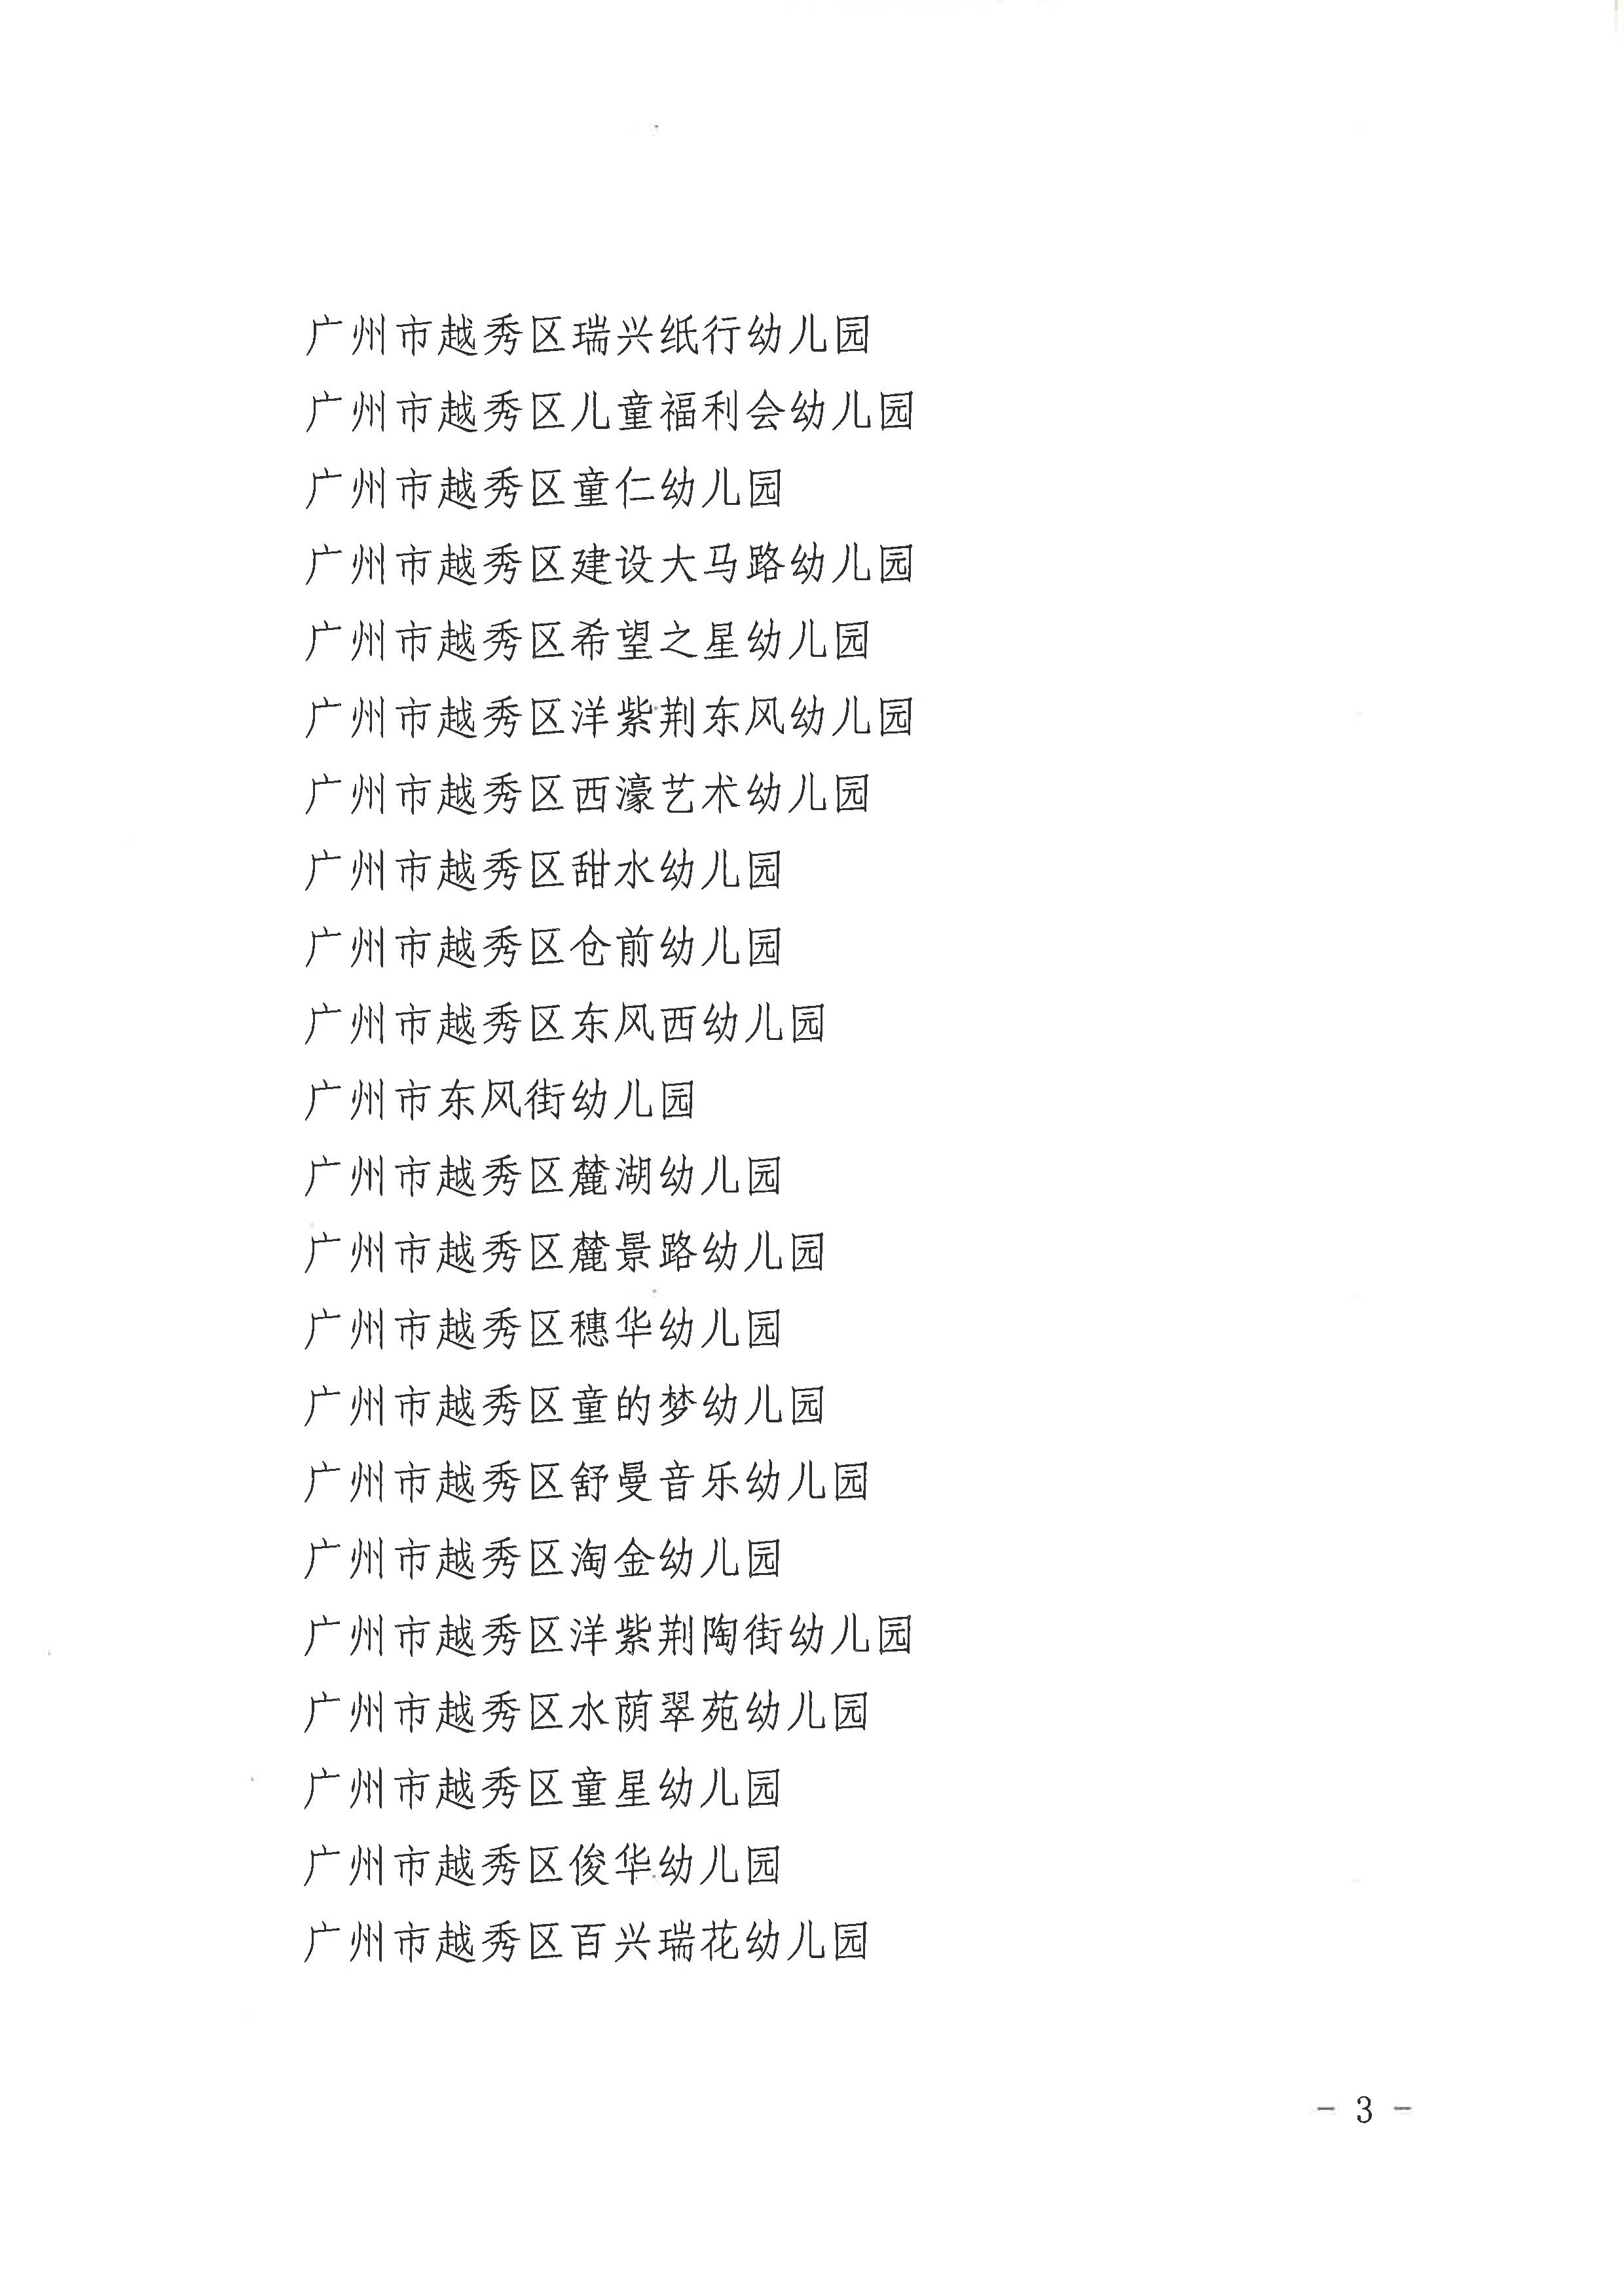 062410381124_0越秀区普惠性民办幼儿园认定名单_3.Jpeg